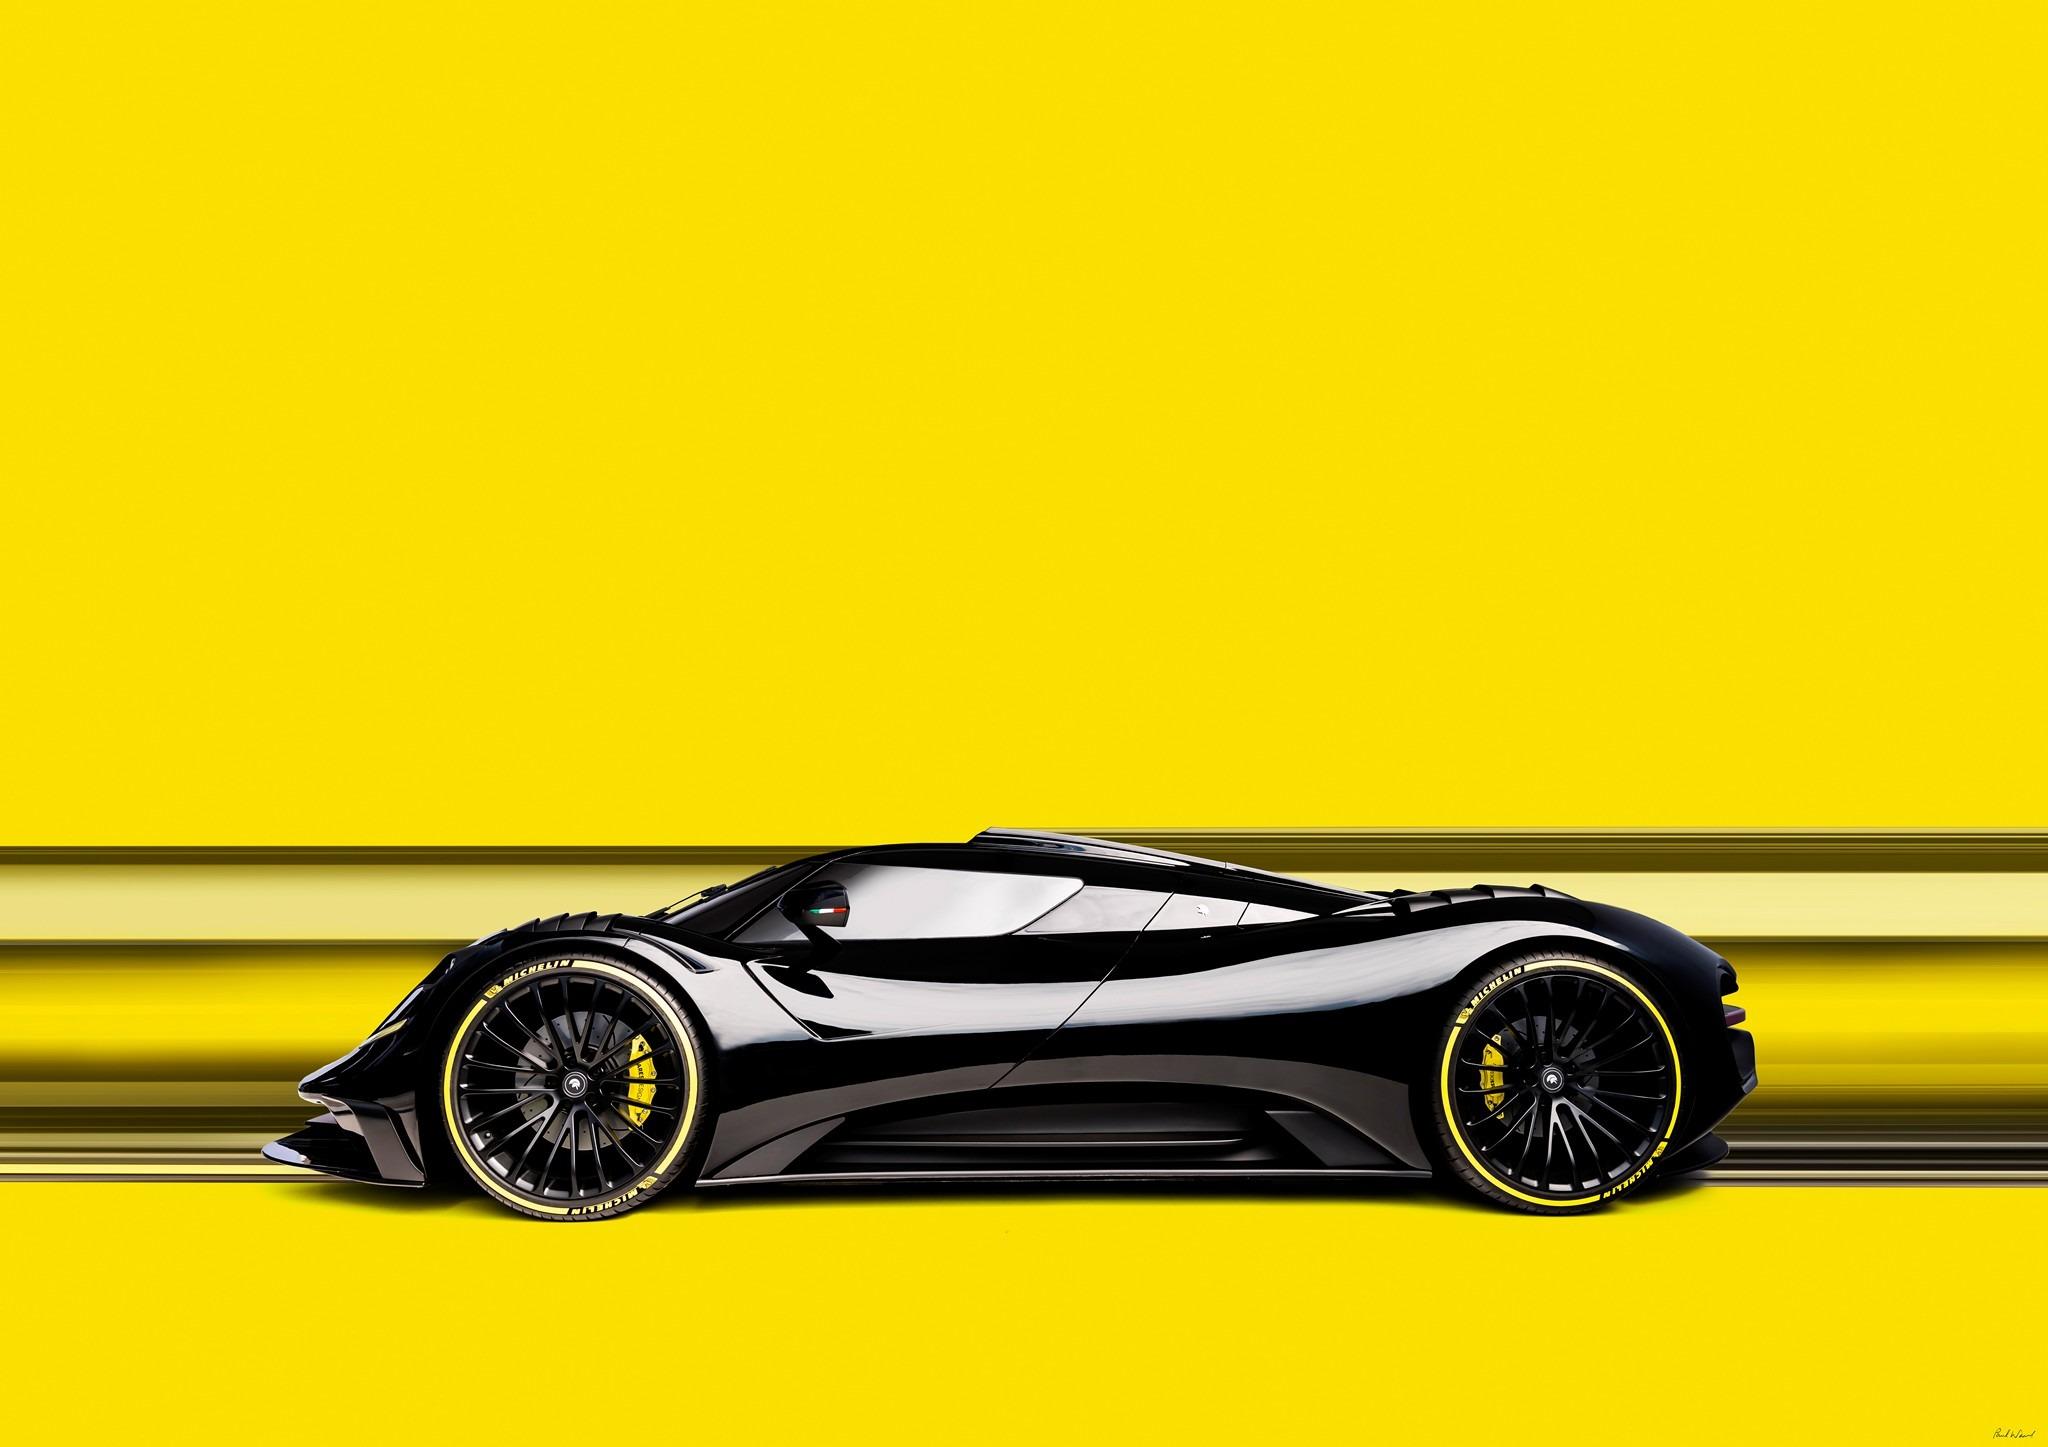 Ares S1 project car, supercar, Hypercar photo by Birmingham car photographer Paul Ward